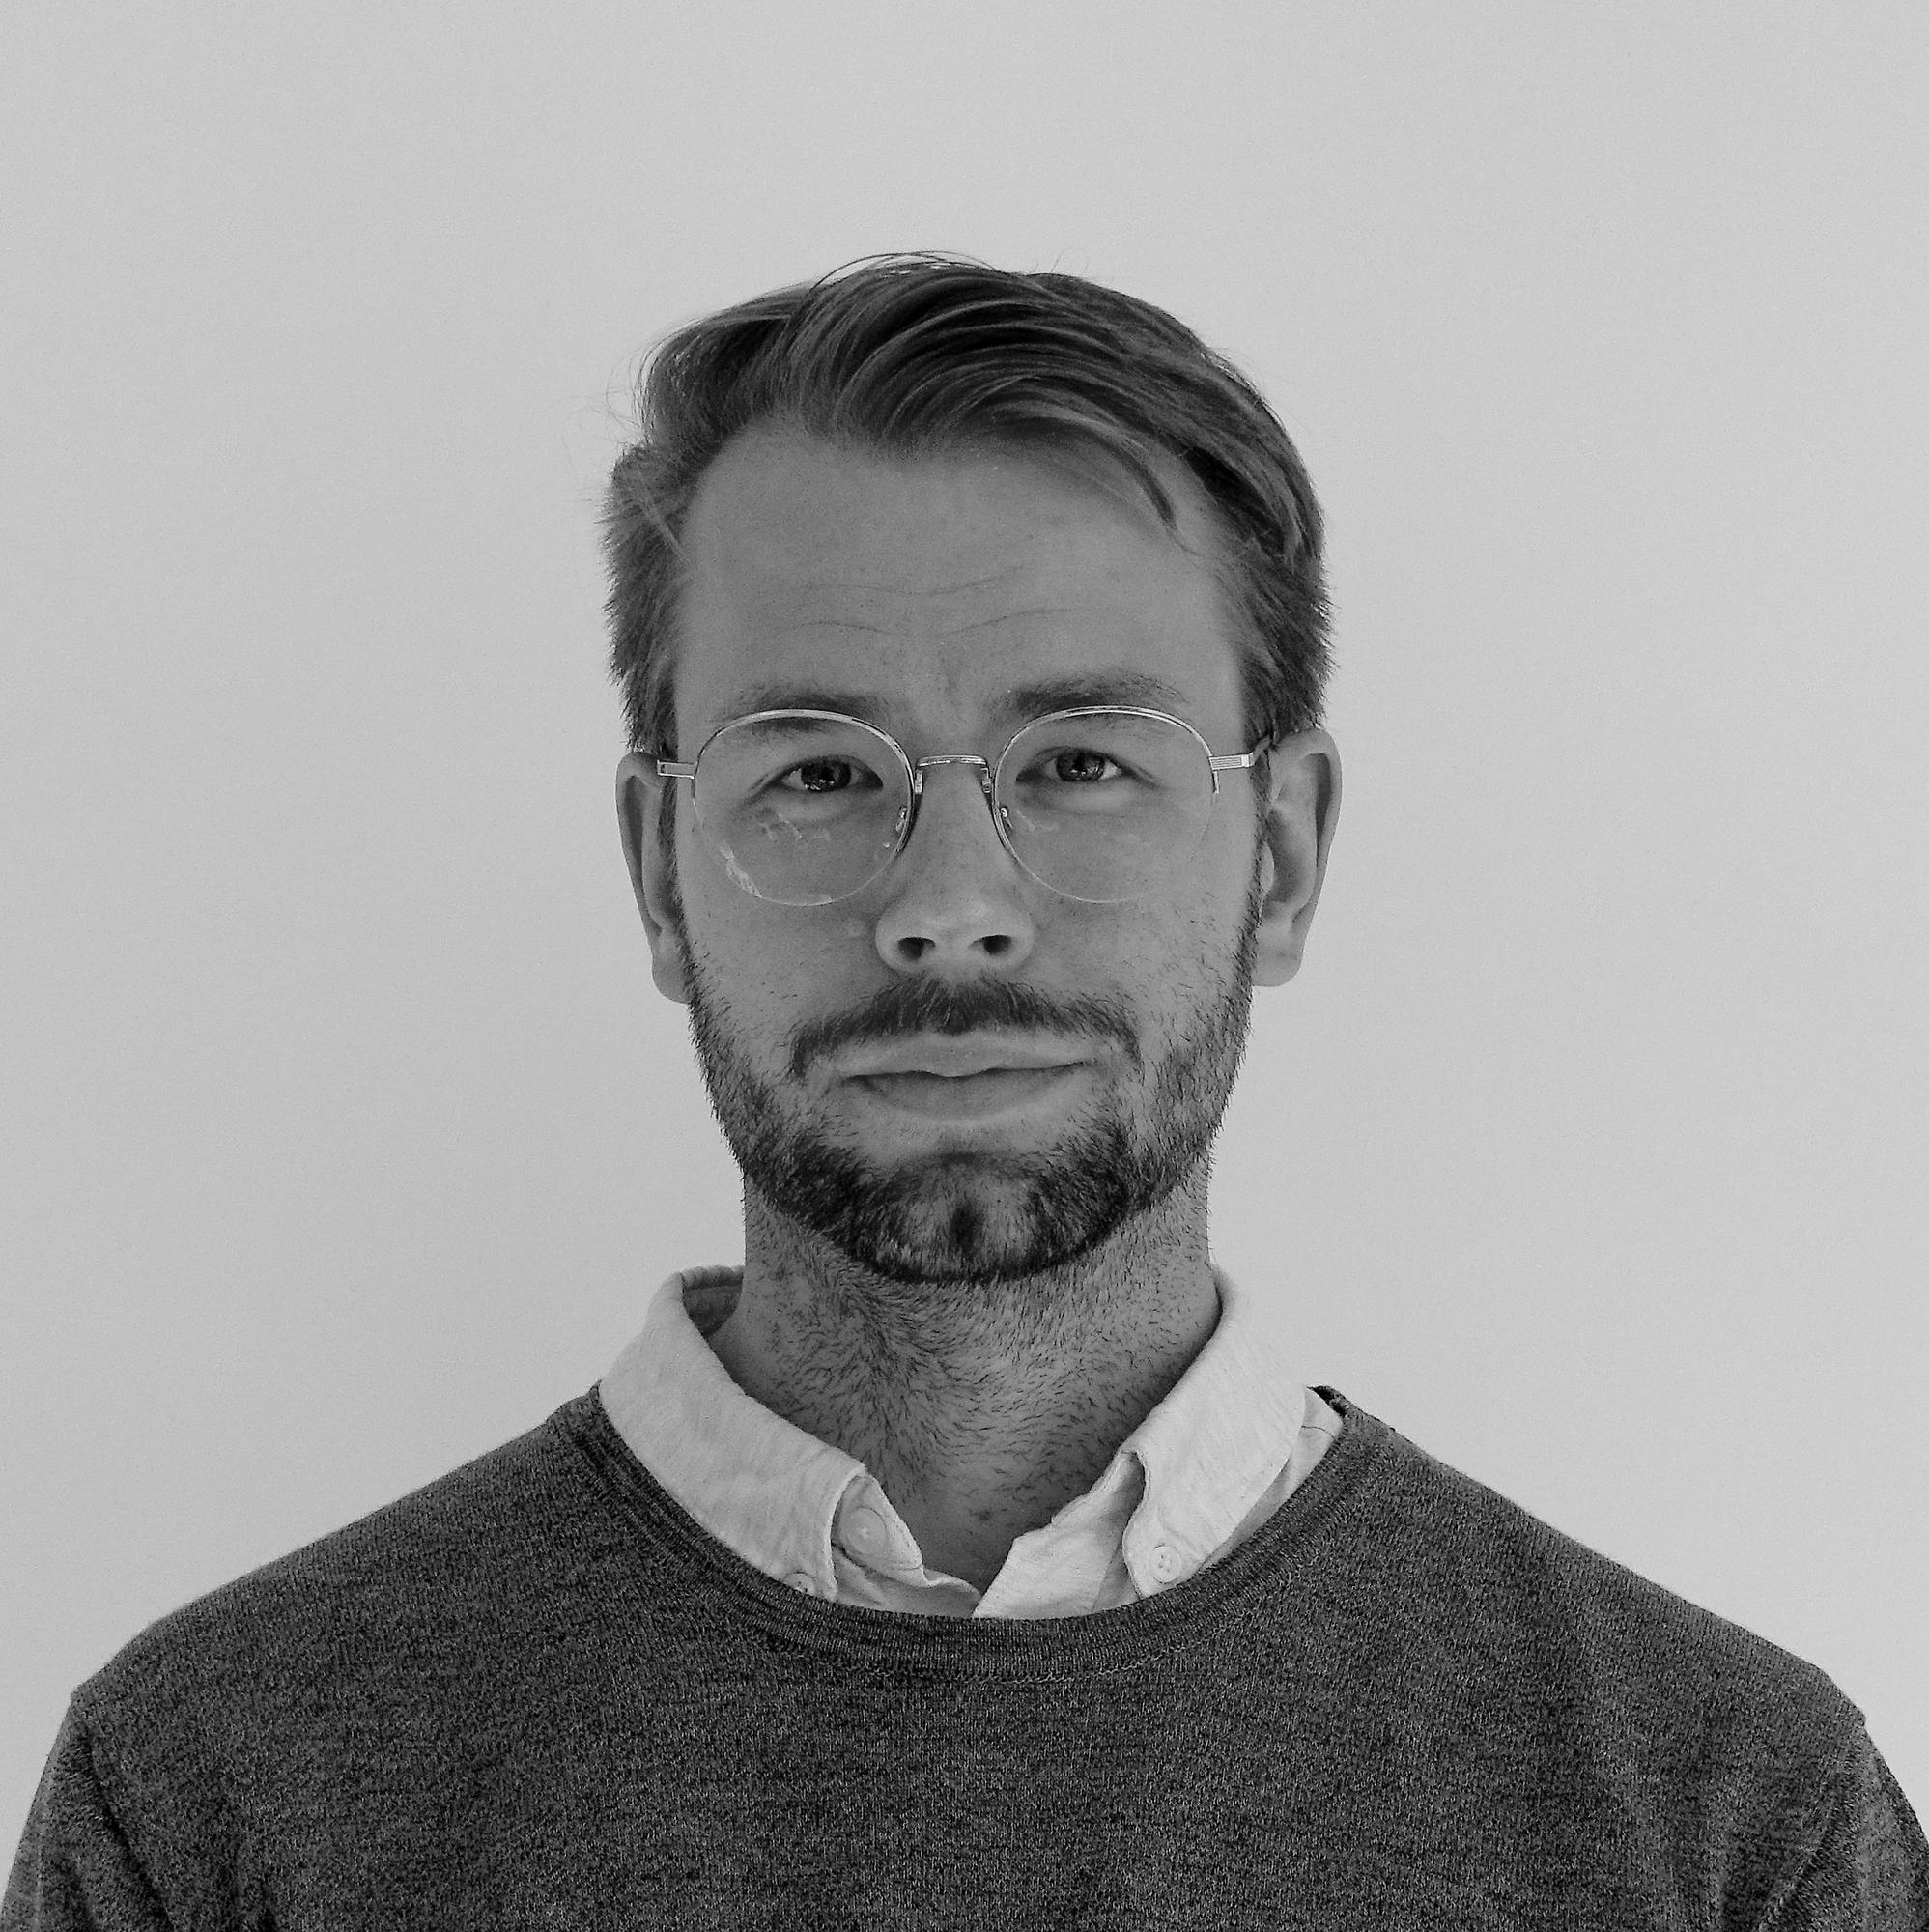 Jussi Virkkala